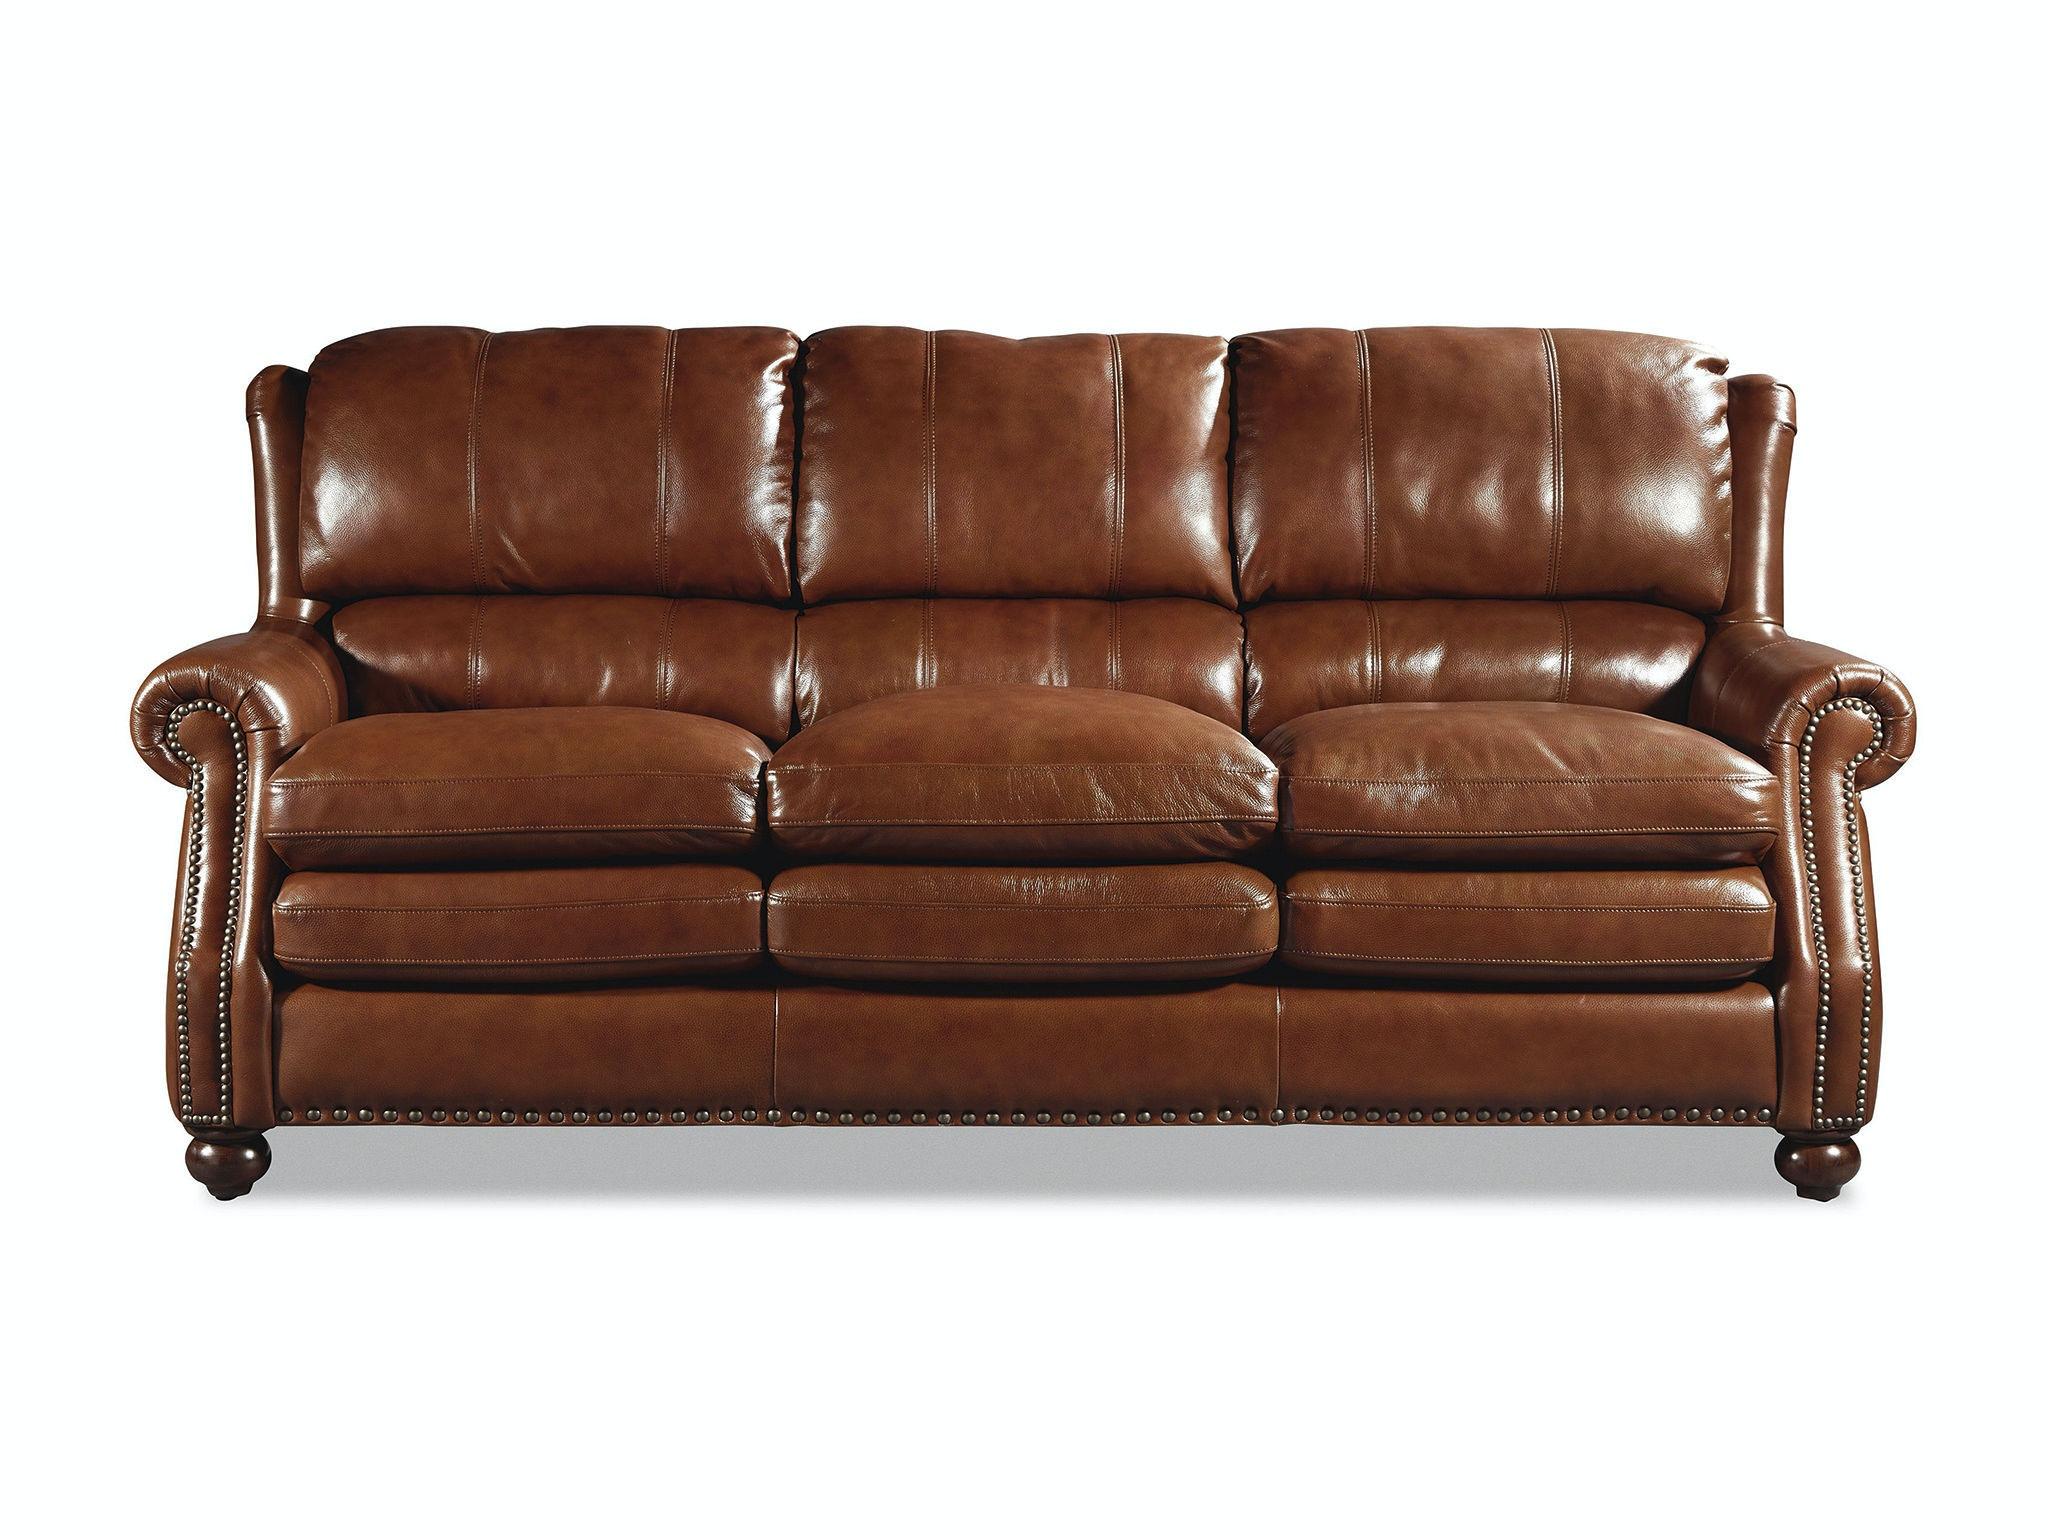 Hickorycraft Living Room Sofa L164650